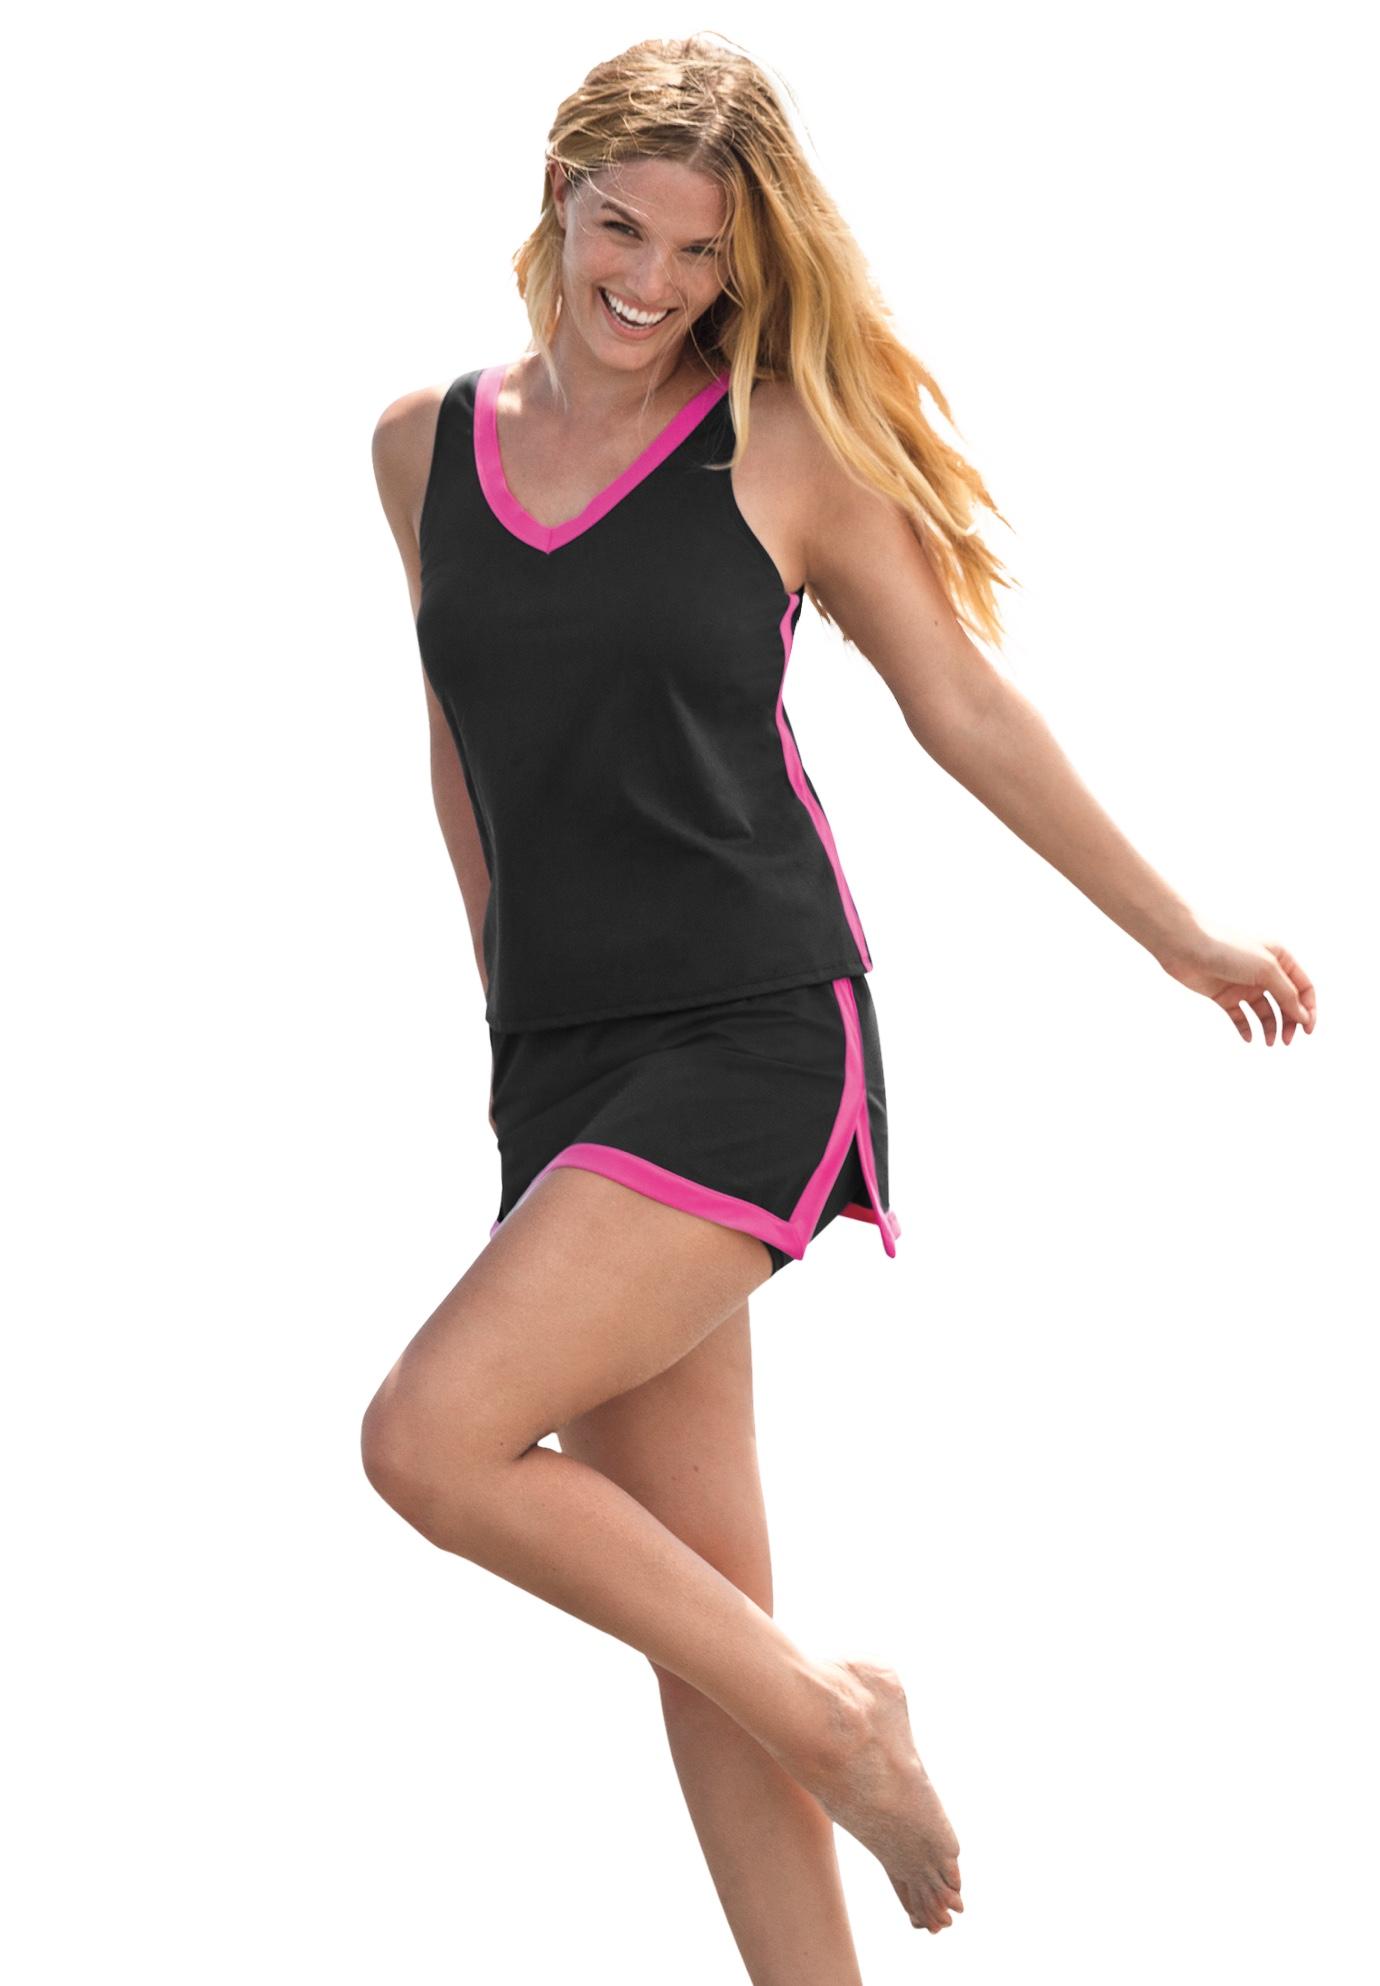 Plus Size Women's 2-Piece Swim Skirtini Set by Swim 365 in Black Fuchsia